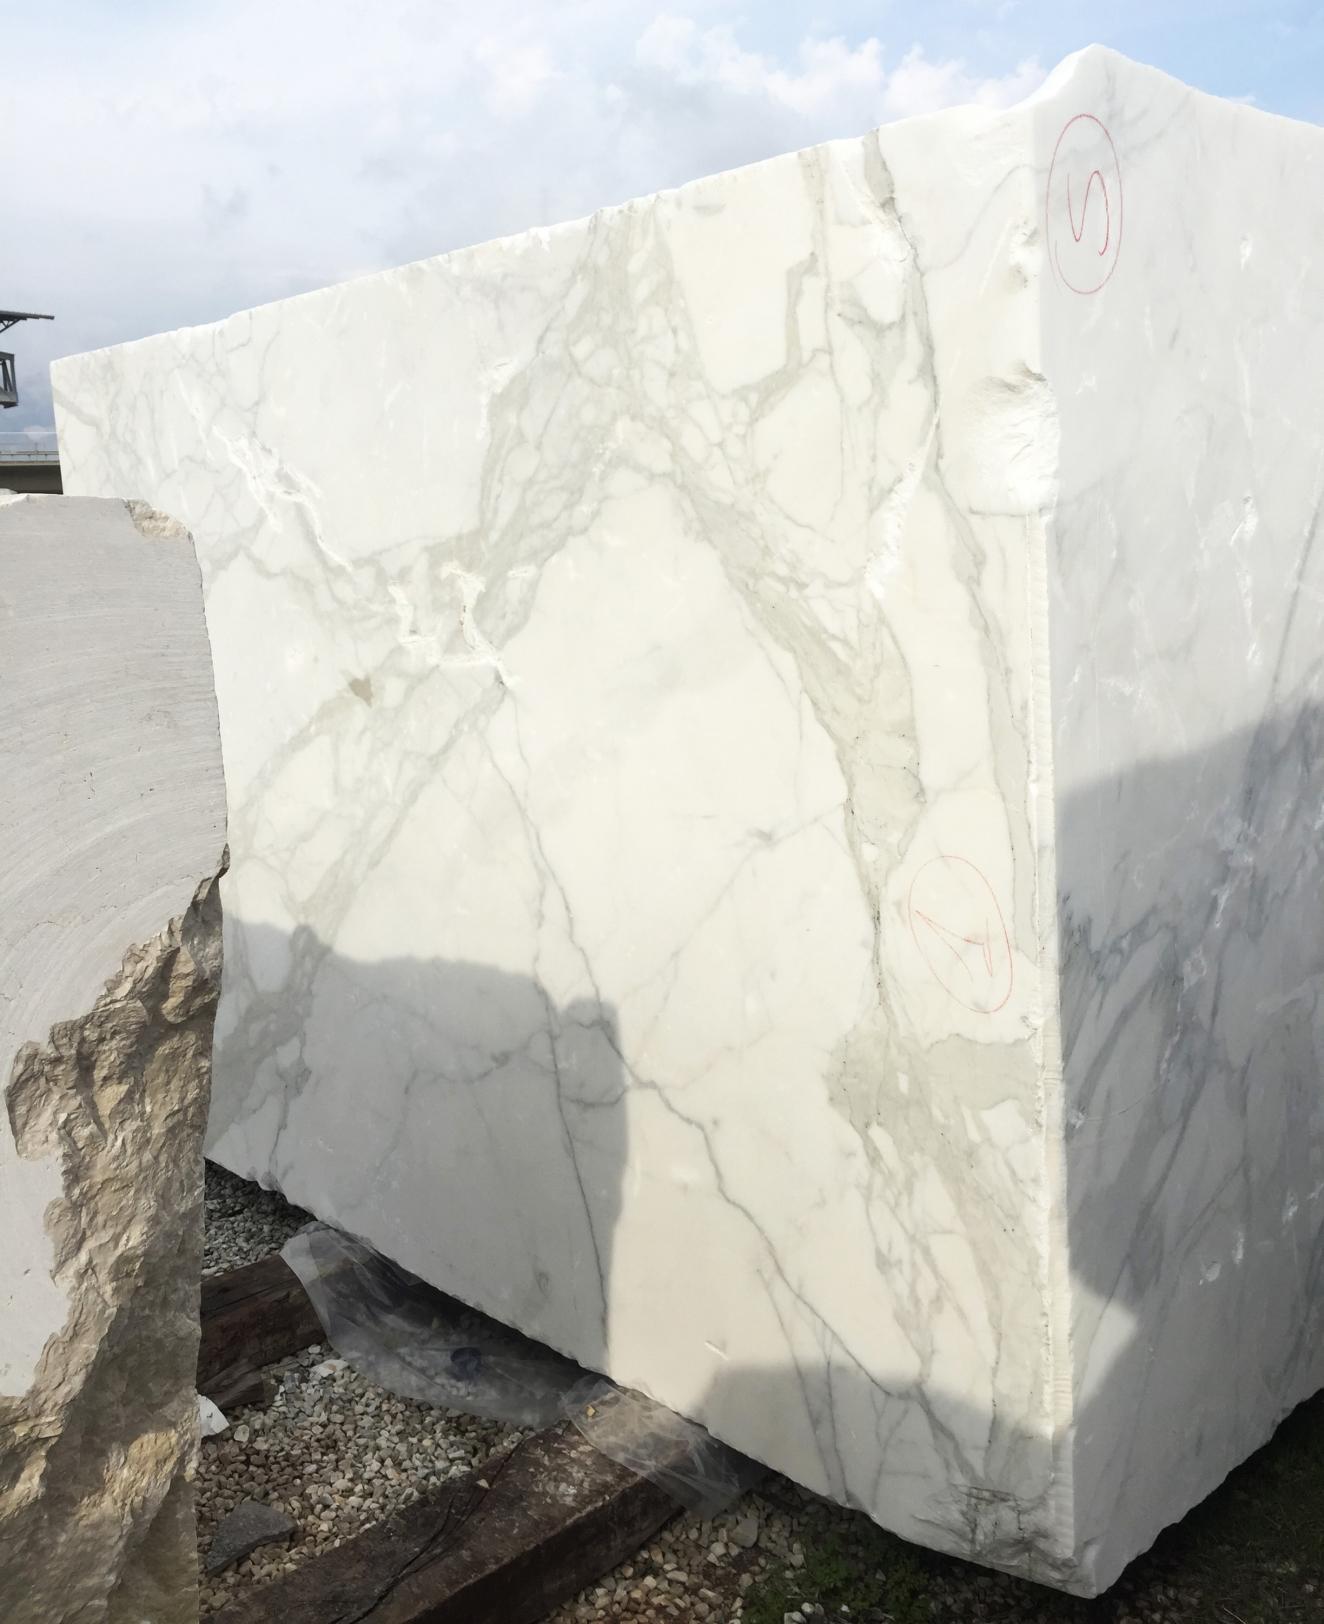 CALACATTA ORO EXTRA Fornitura Veneto (Italia) di blocchi grezzi in marmo naturale 2628 , Face A